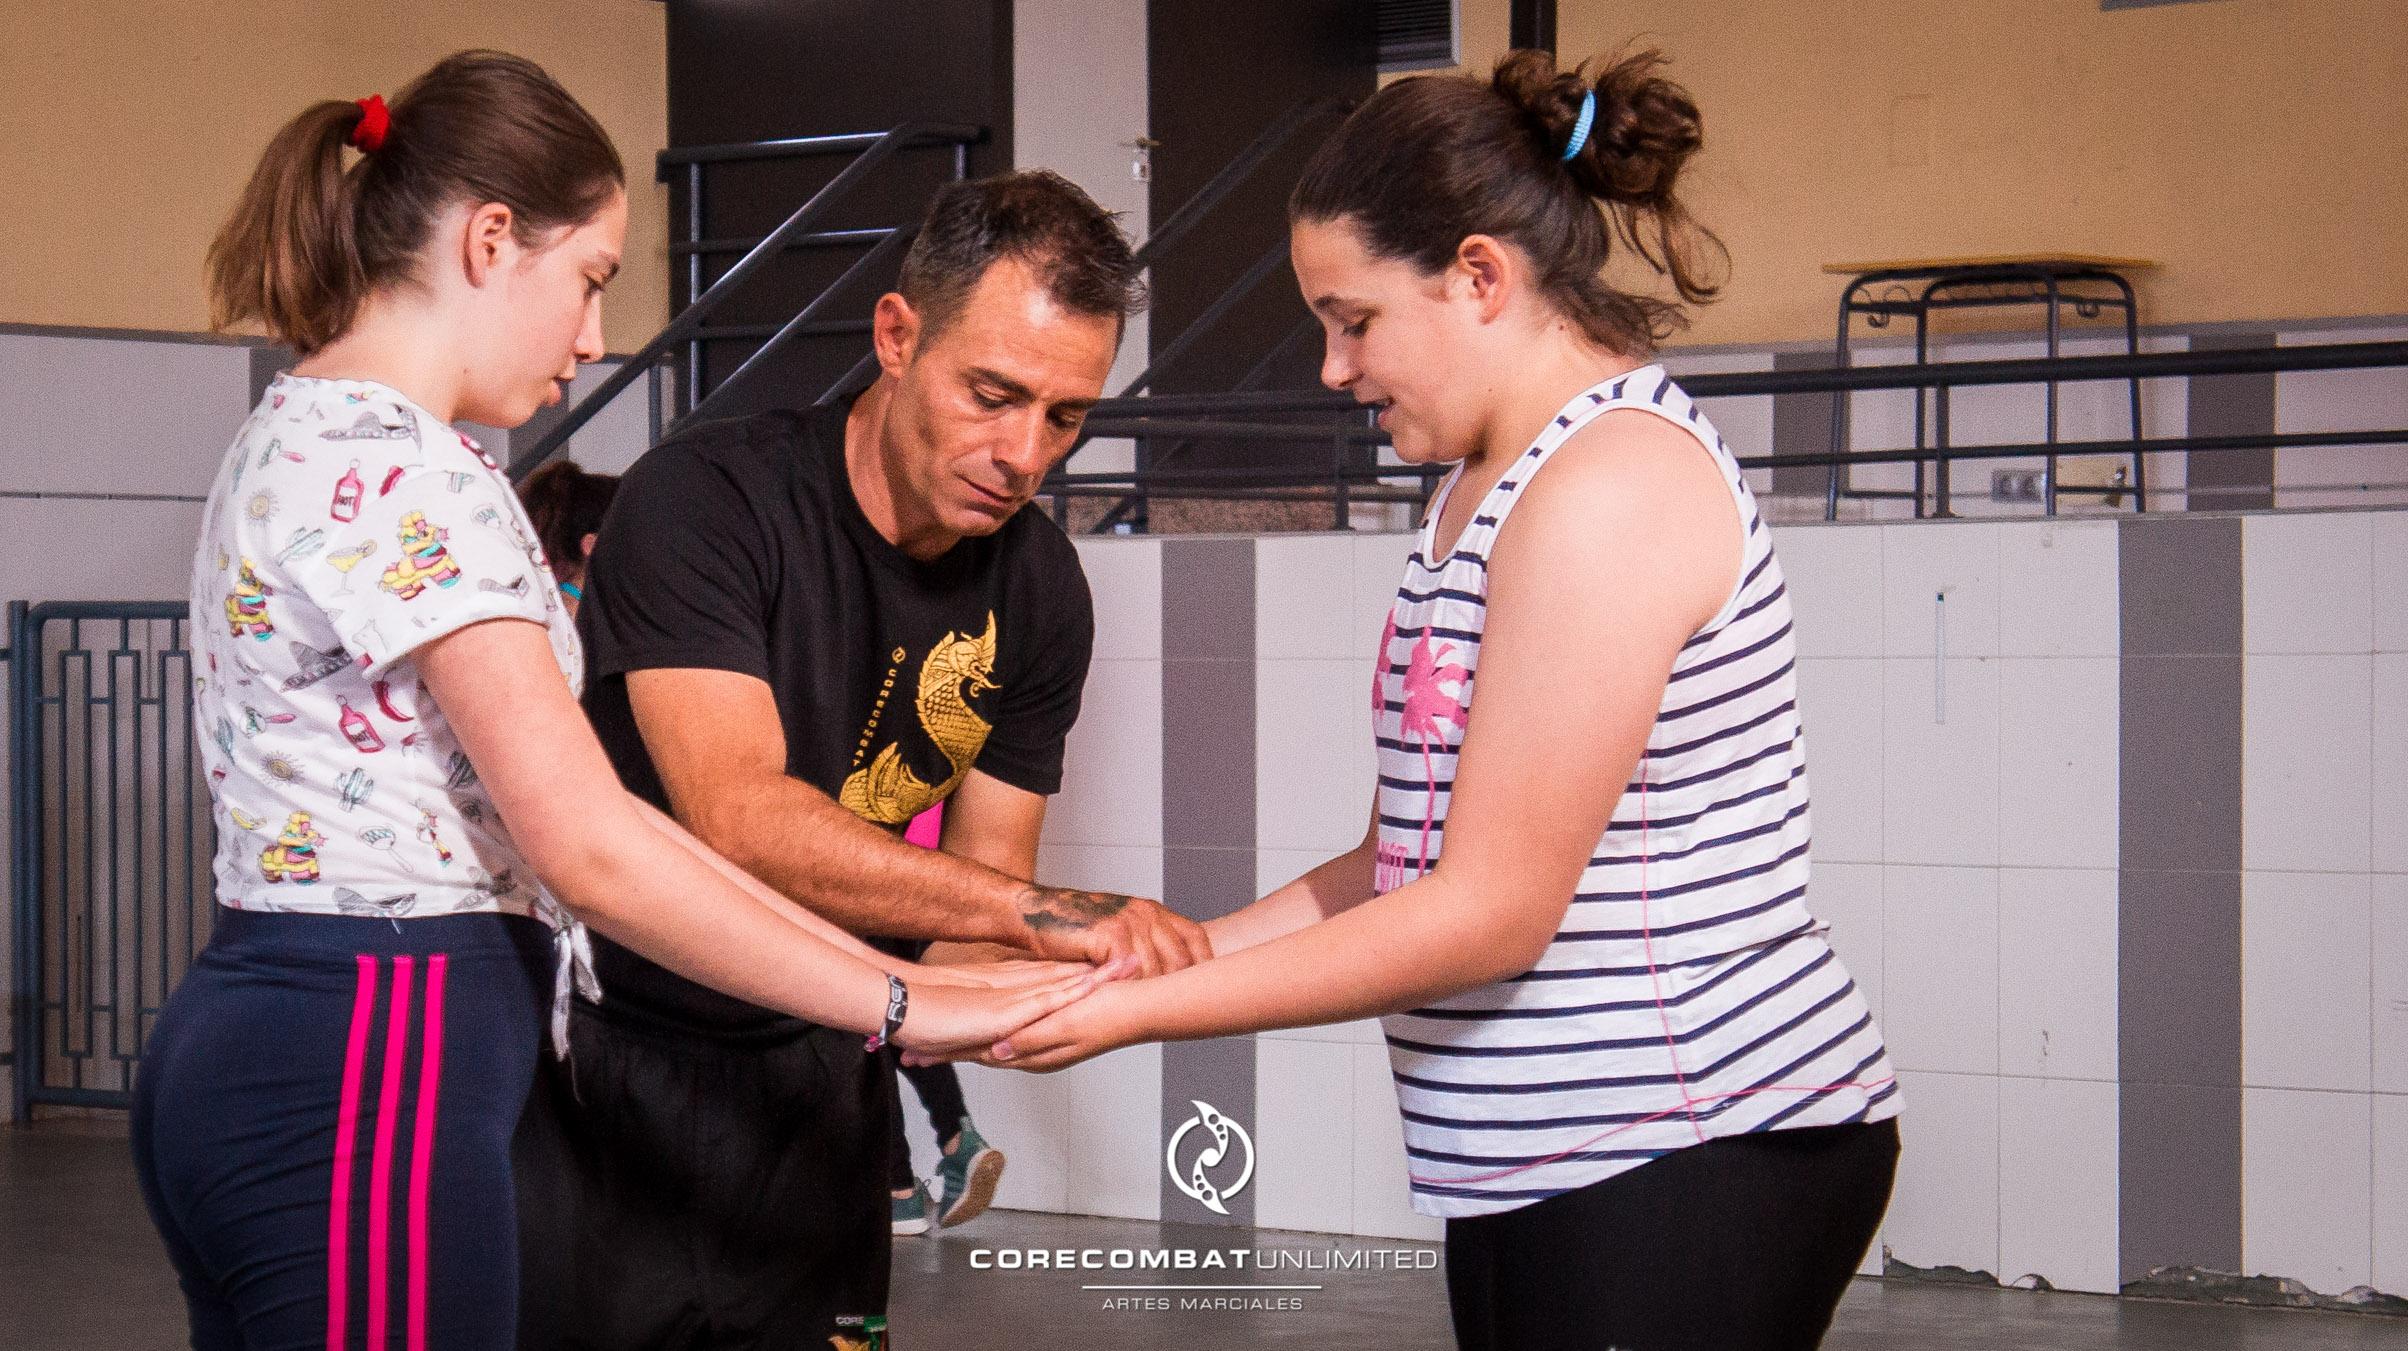 curso-defensa-personal-para-mujeres-zamora-coreses-artes-marciales-zamora-core-combat-salamanca-valladolid-leon-madrid-01